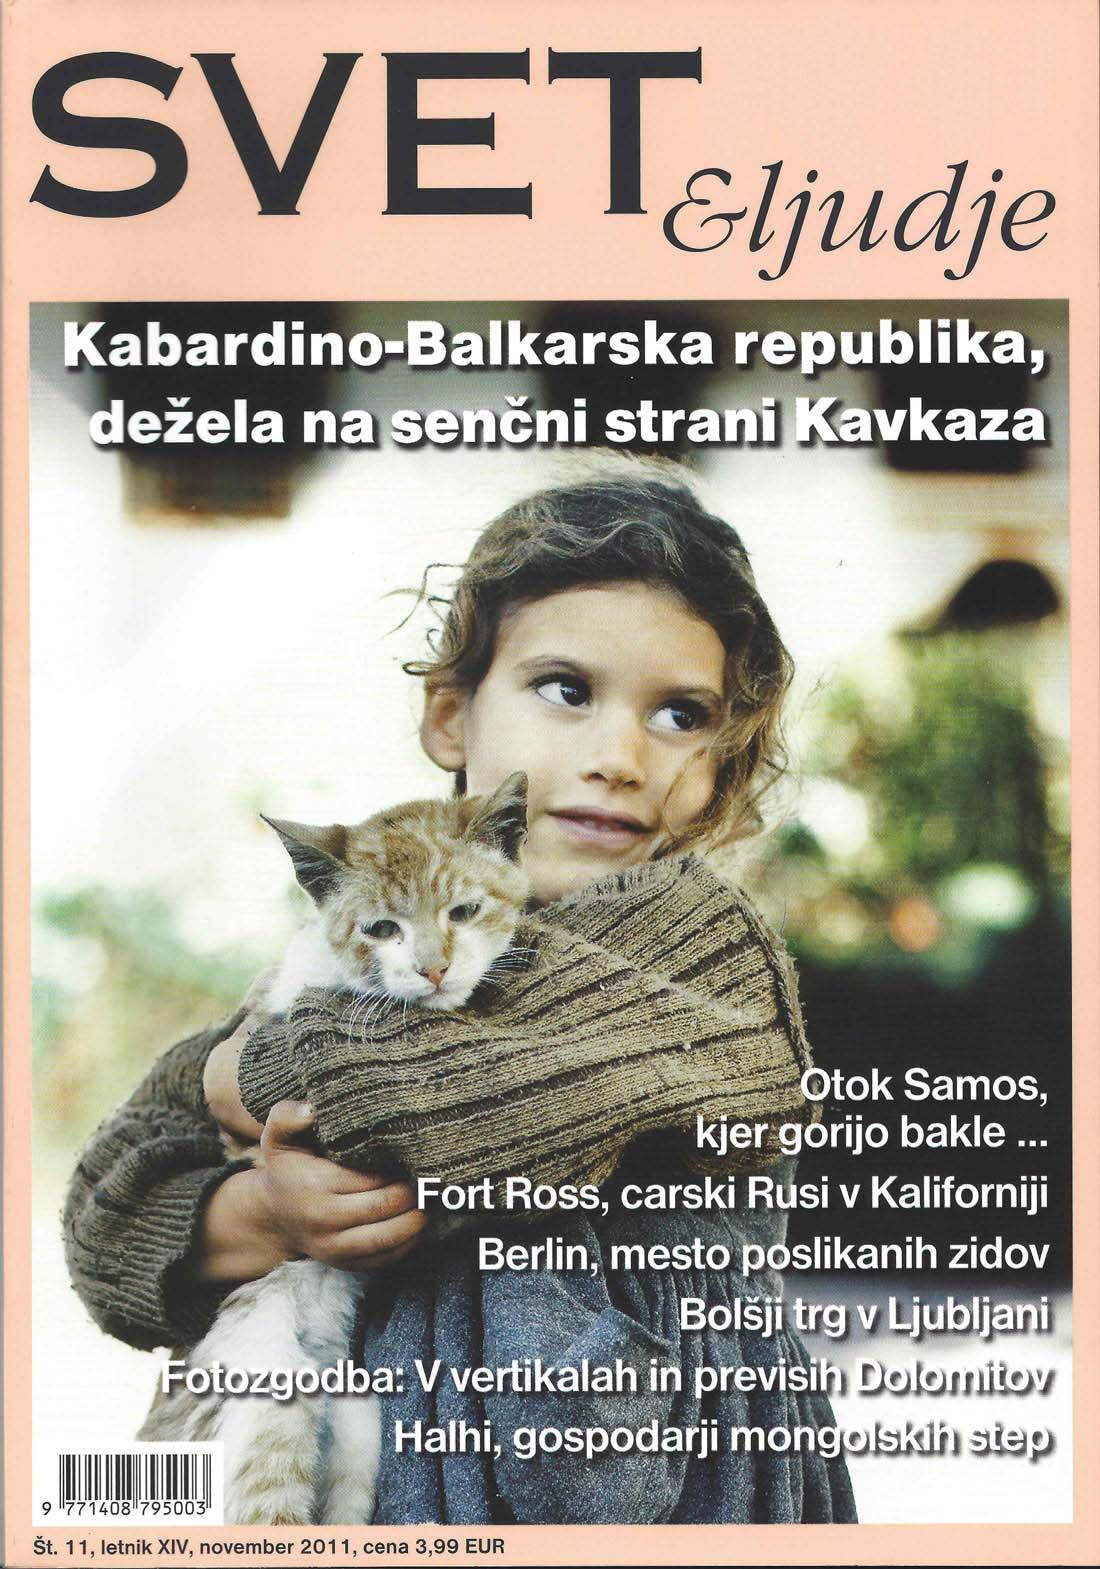 Svet-in-ljudje-november-2011-jusmedic-cover